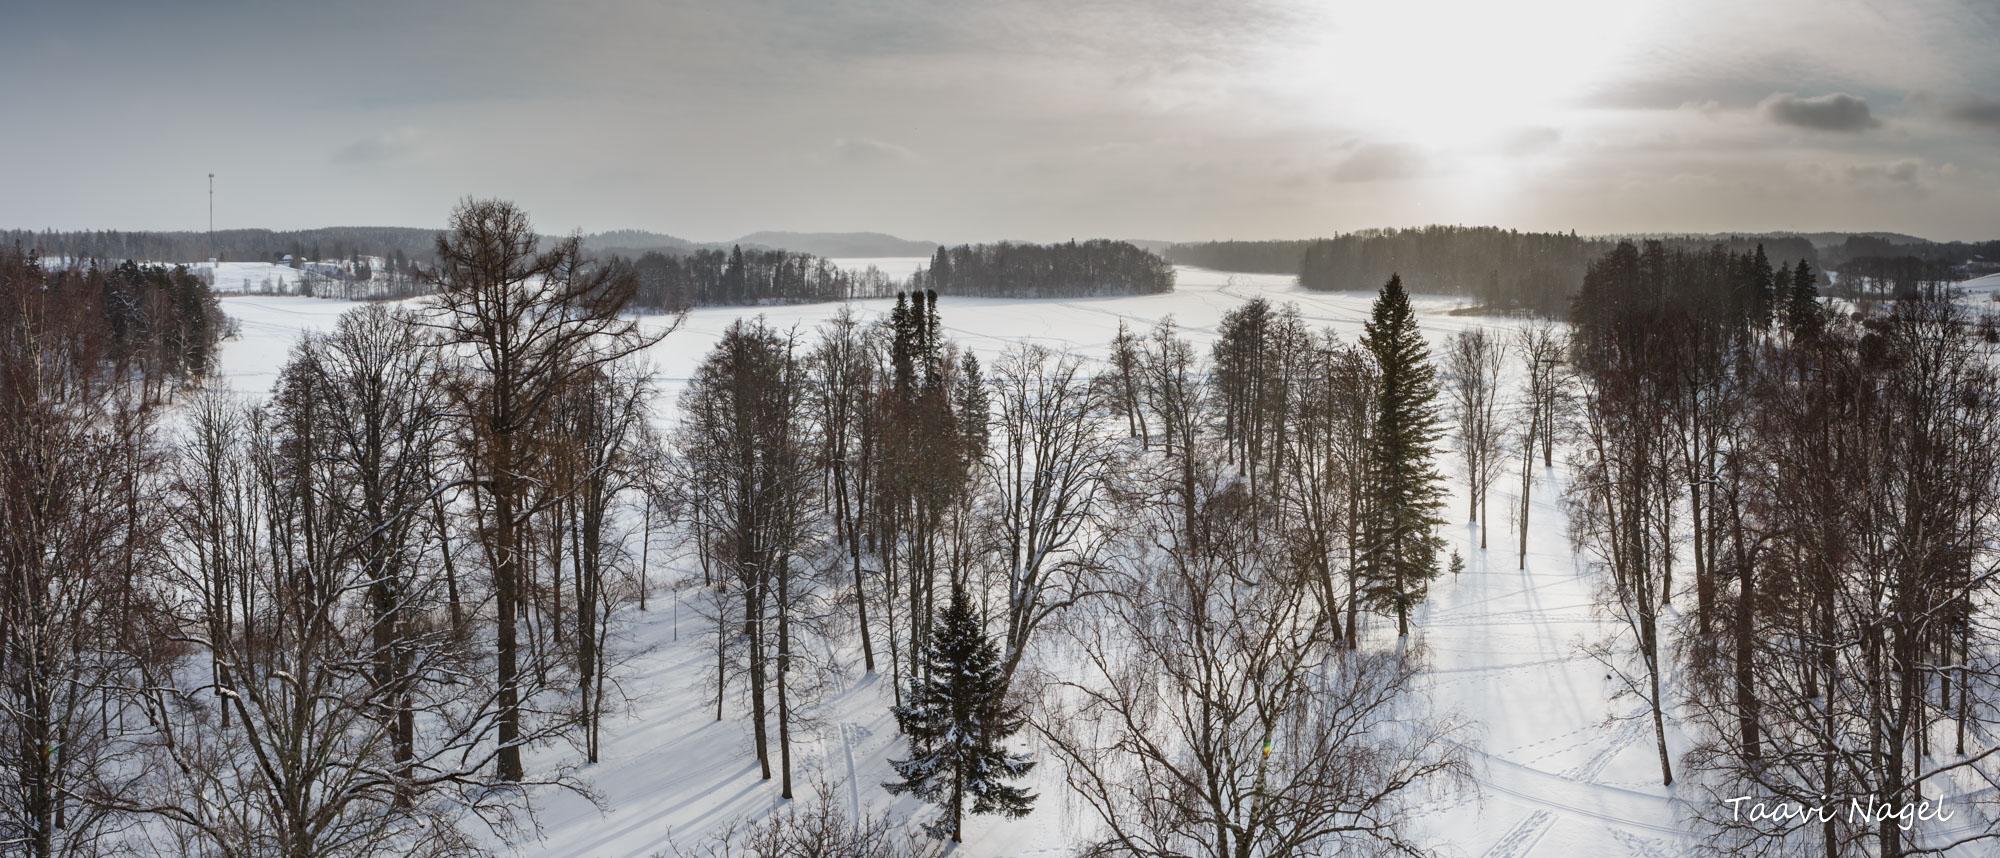 Vaade talvisele järvele -pano.